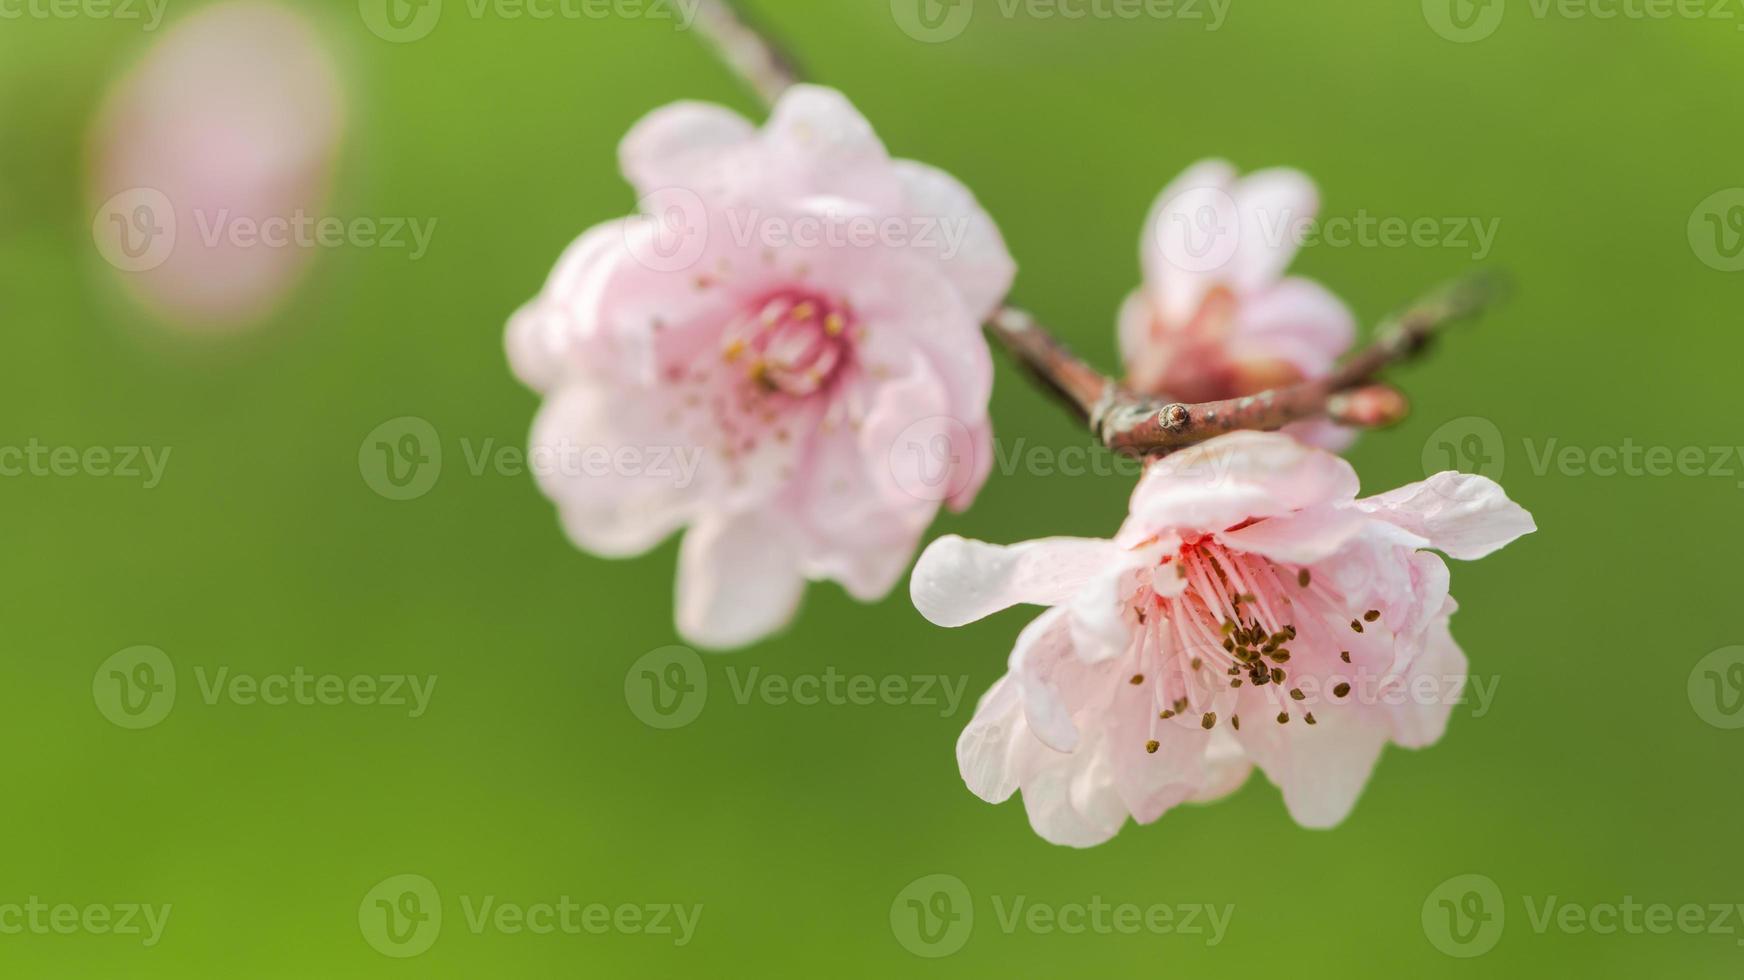 la fleur de prunier au printemps photo